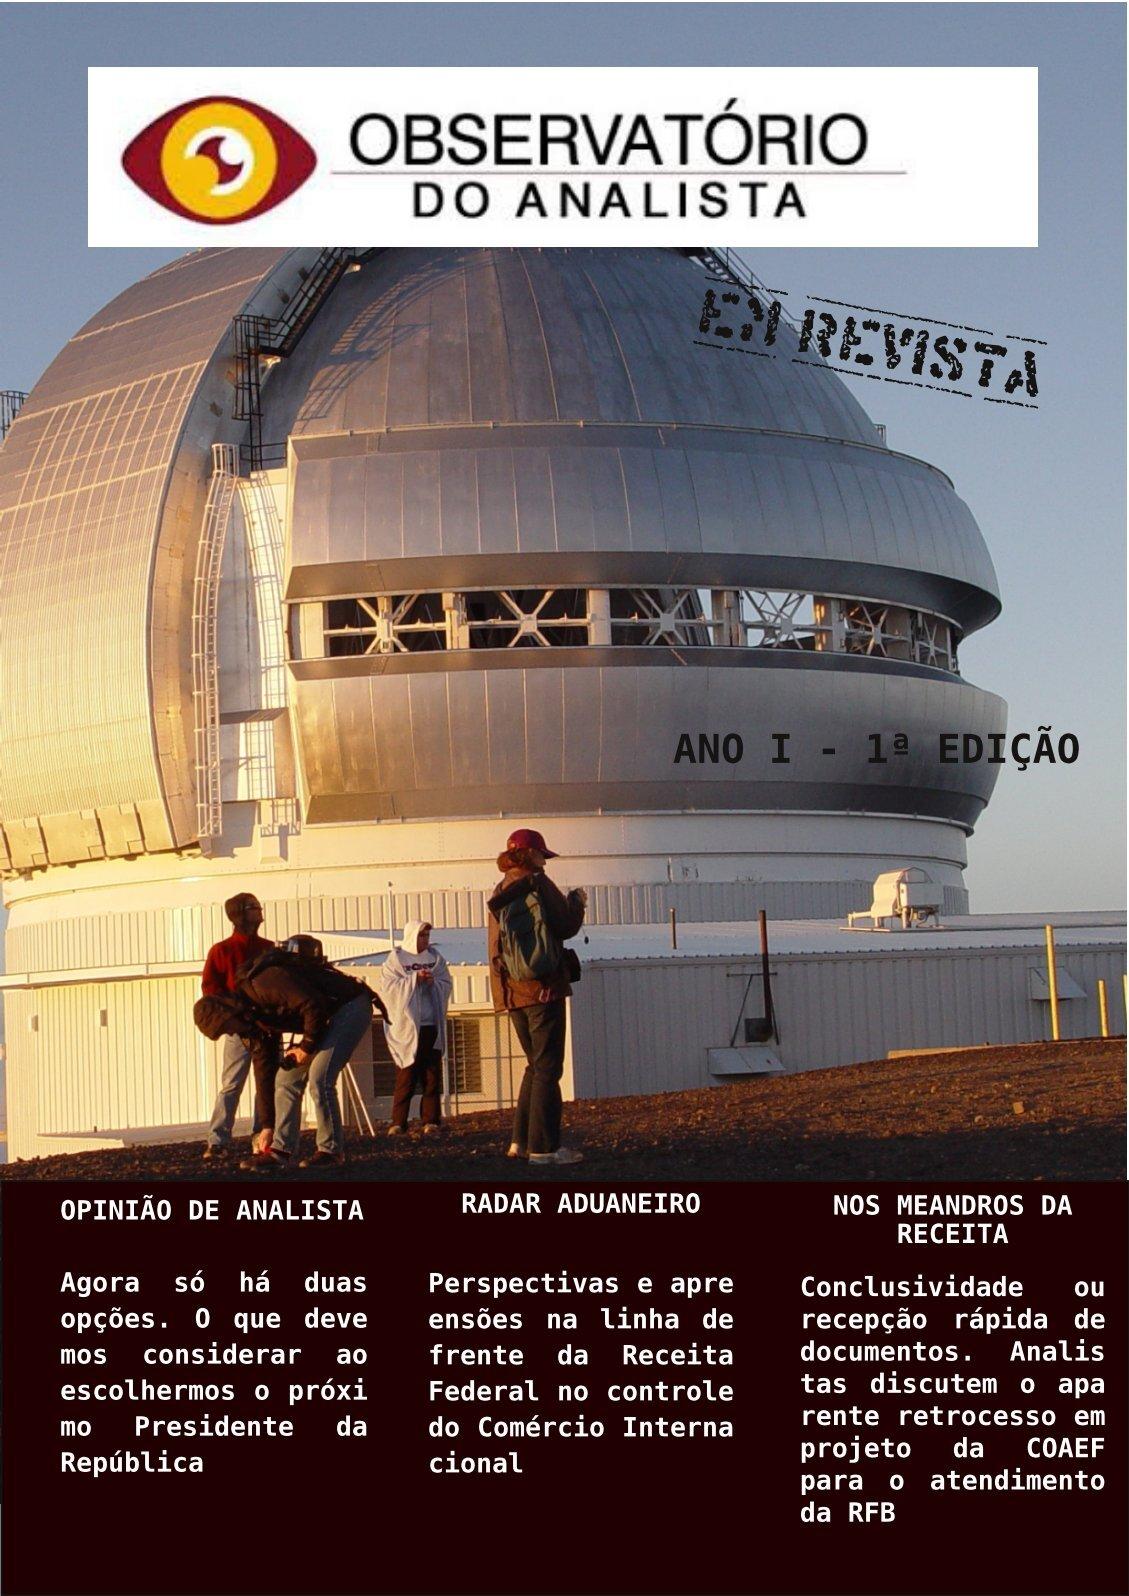 Observatório do Analista em Revista 1ª edição